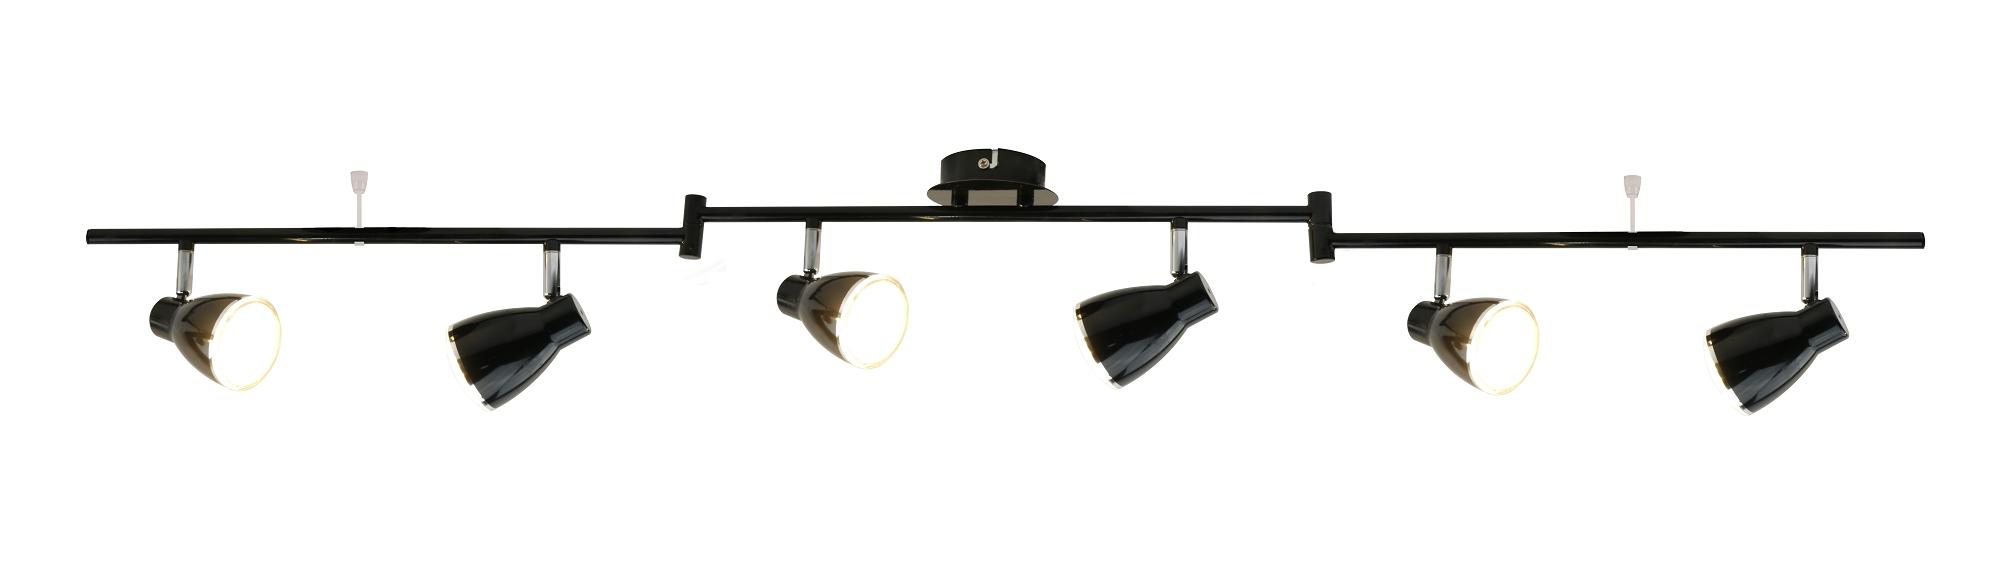 Фото товара A6008PL-6BK Arte Lamp